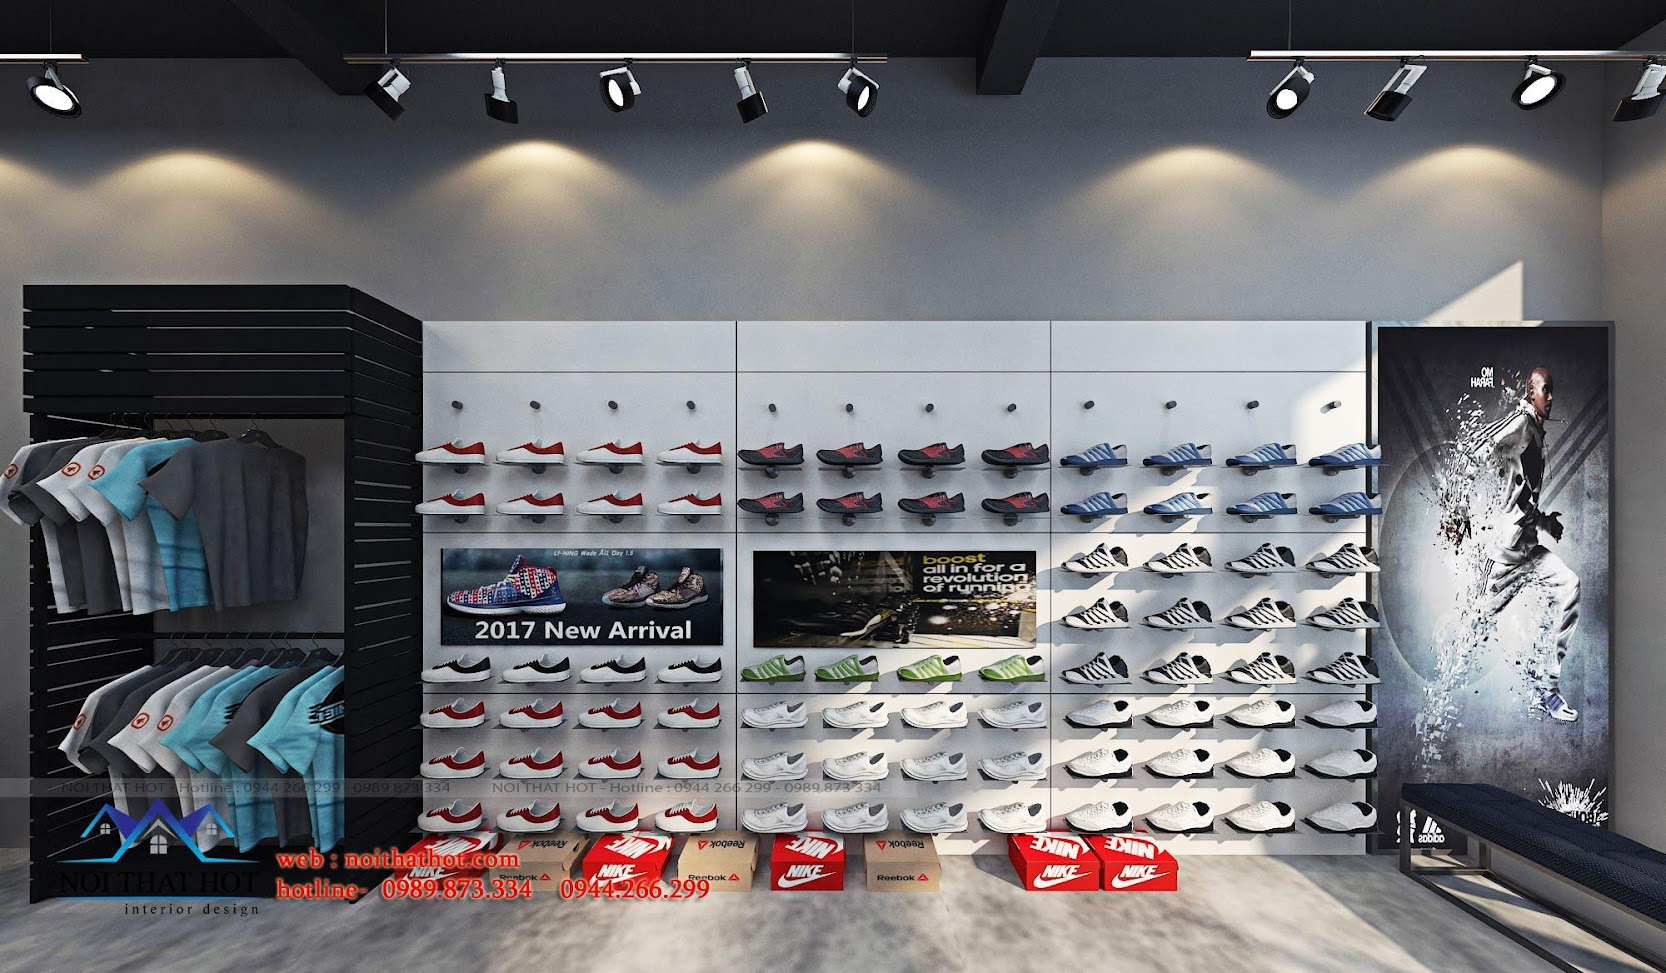 thiết kế shop thời trang adidas 4